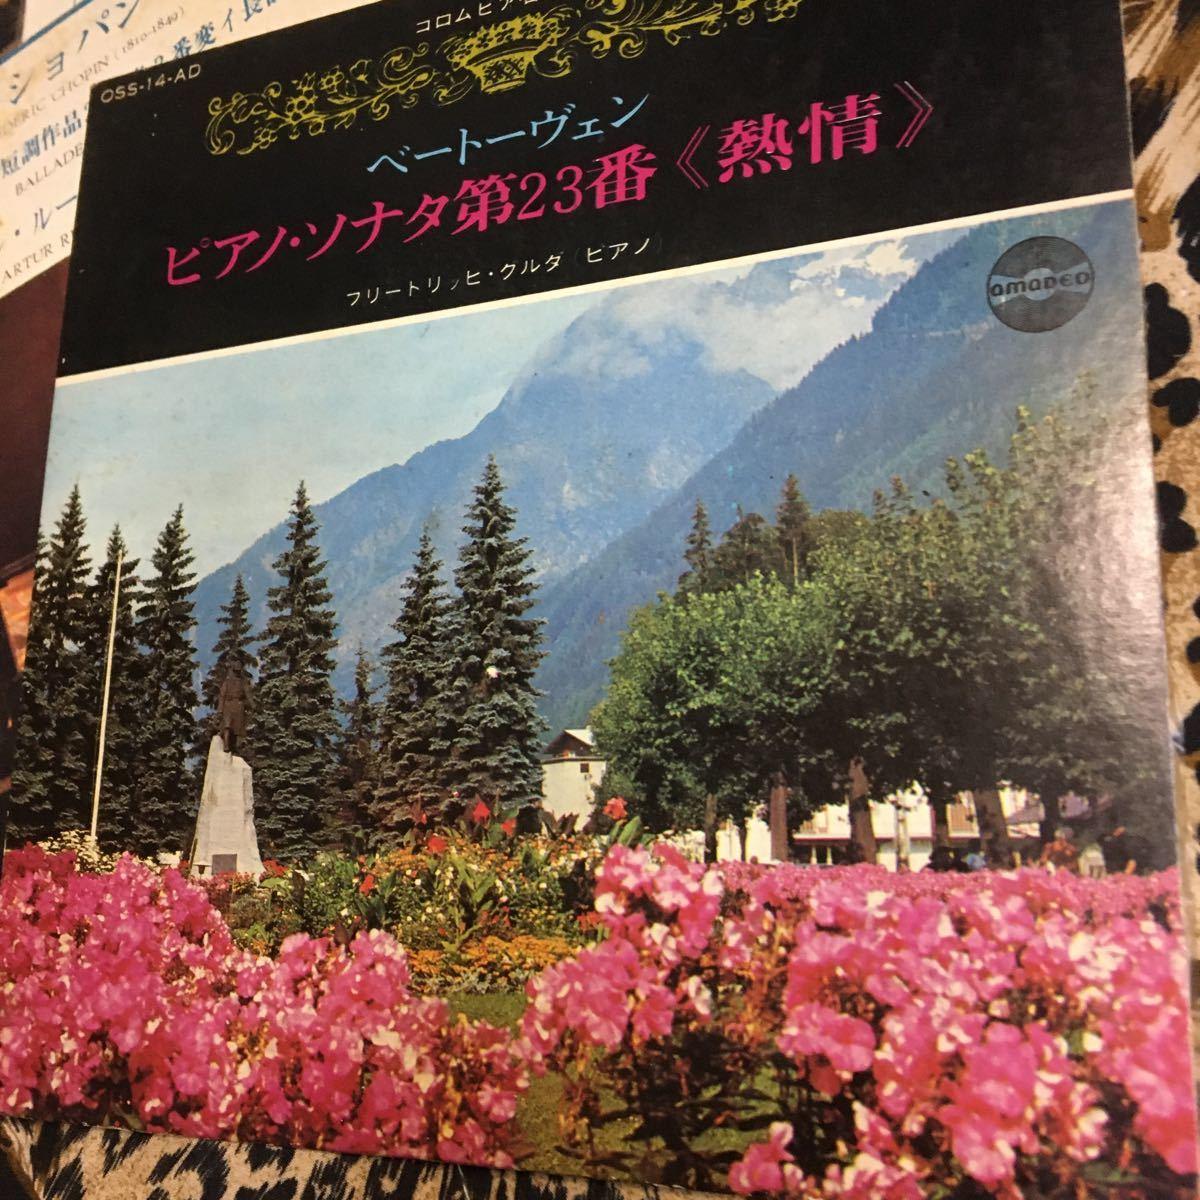 【ベートーヴェン ショパン】ピアノ シングル SCP-3648 3573 OSS-14-AD コロンビア ビクター クラシック レコード 33回転【19/11 B-1】_画像4